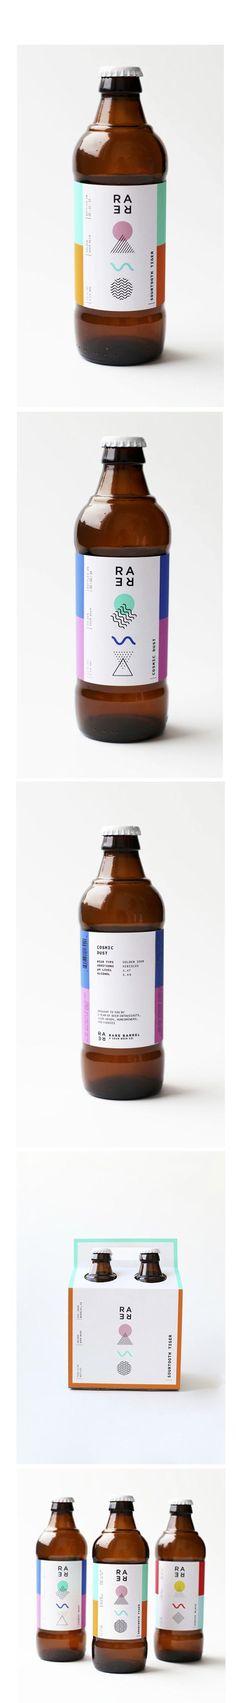 Förpackad -Sveriges största förpackningsblogg Förpackningsdesign, Förpackningar, Grafisk Design » Så 2014 - CAP&Design - Nordens största tidning för kreativa formgivare